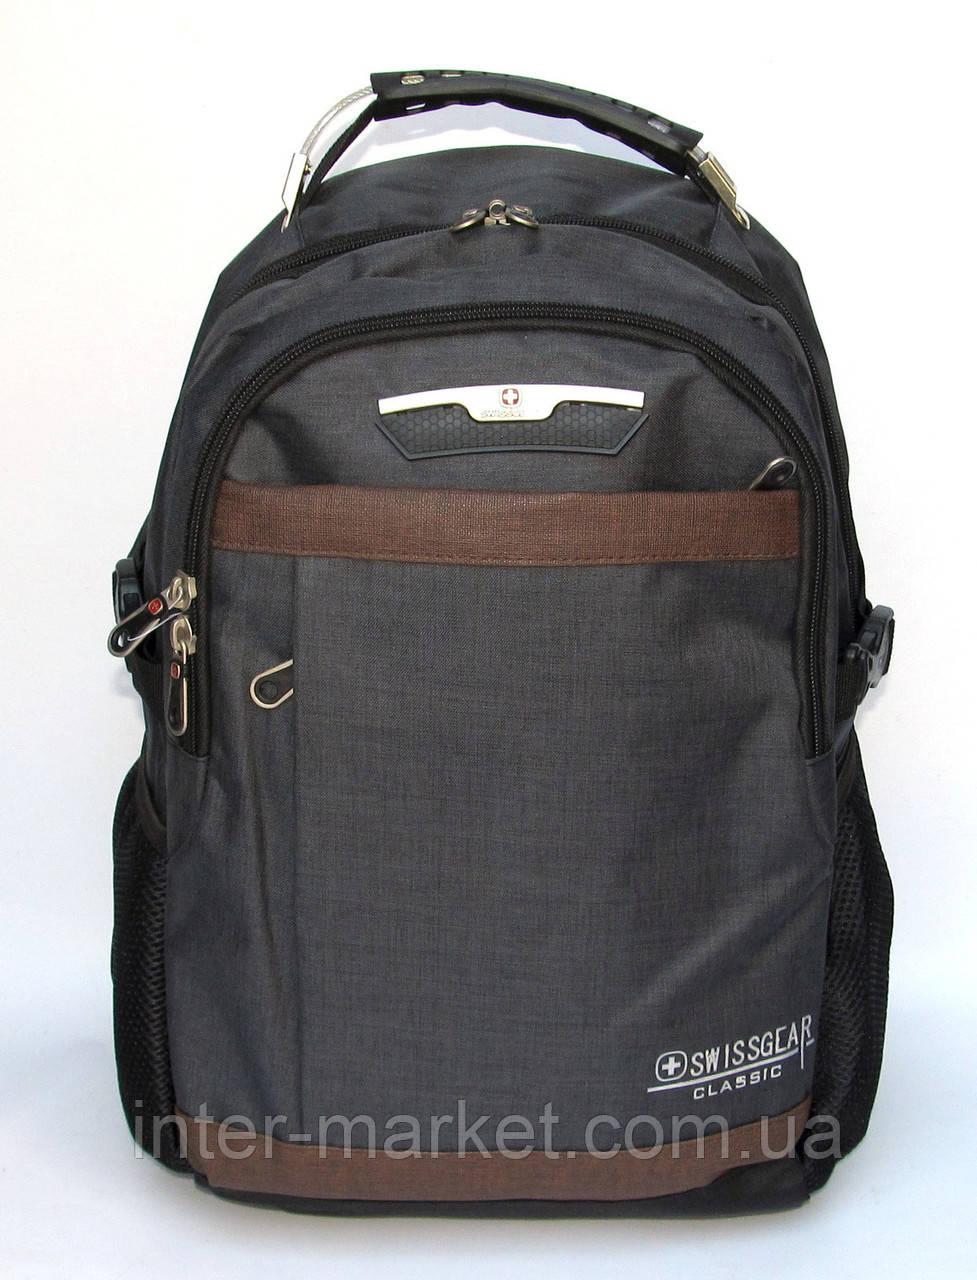 Универсальный городской рюкзак emipo рюкзаки